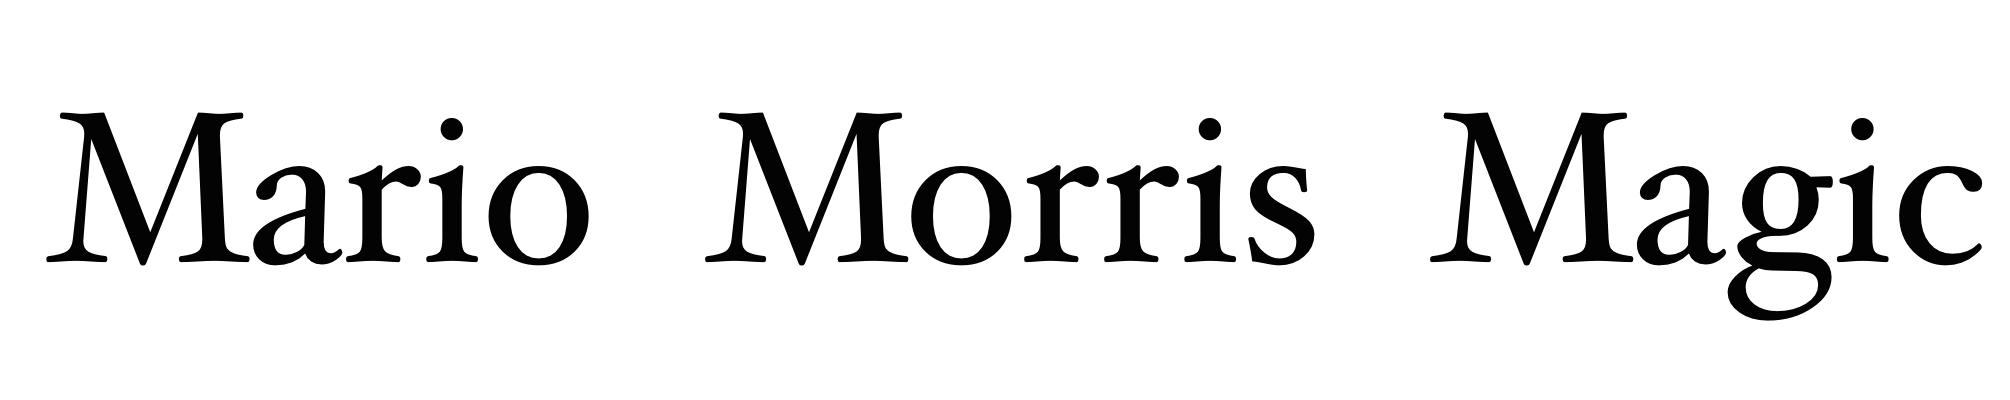 MarioMorris